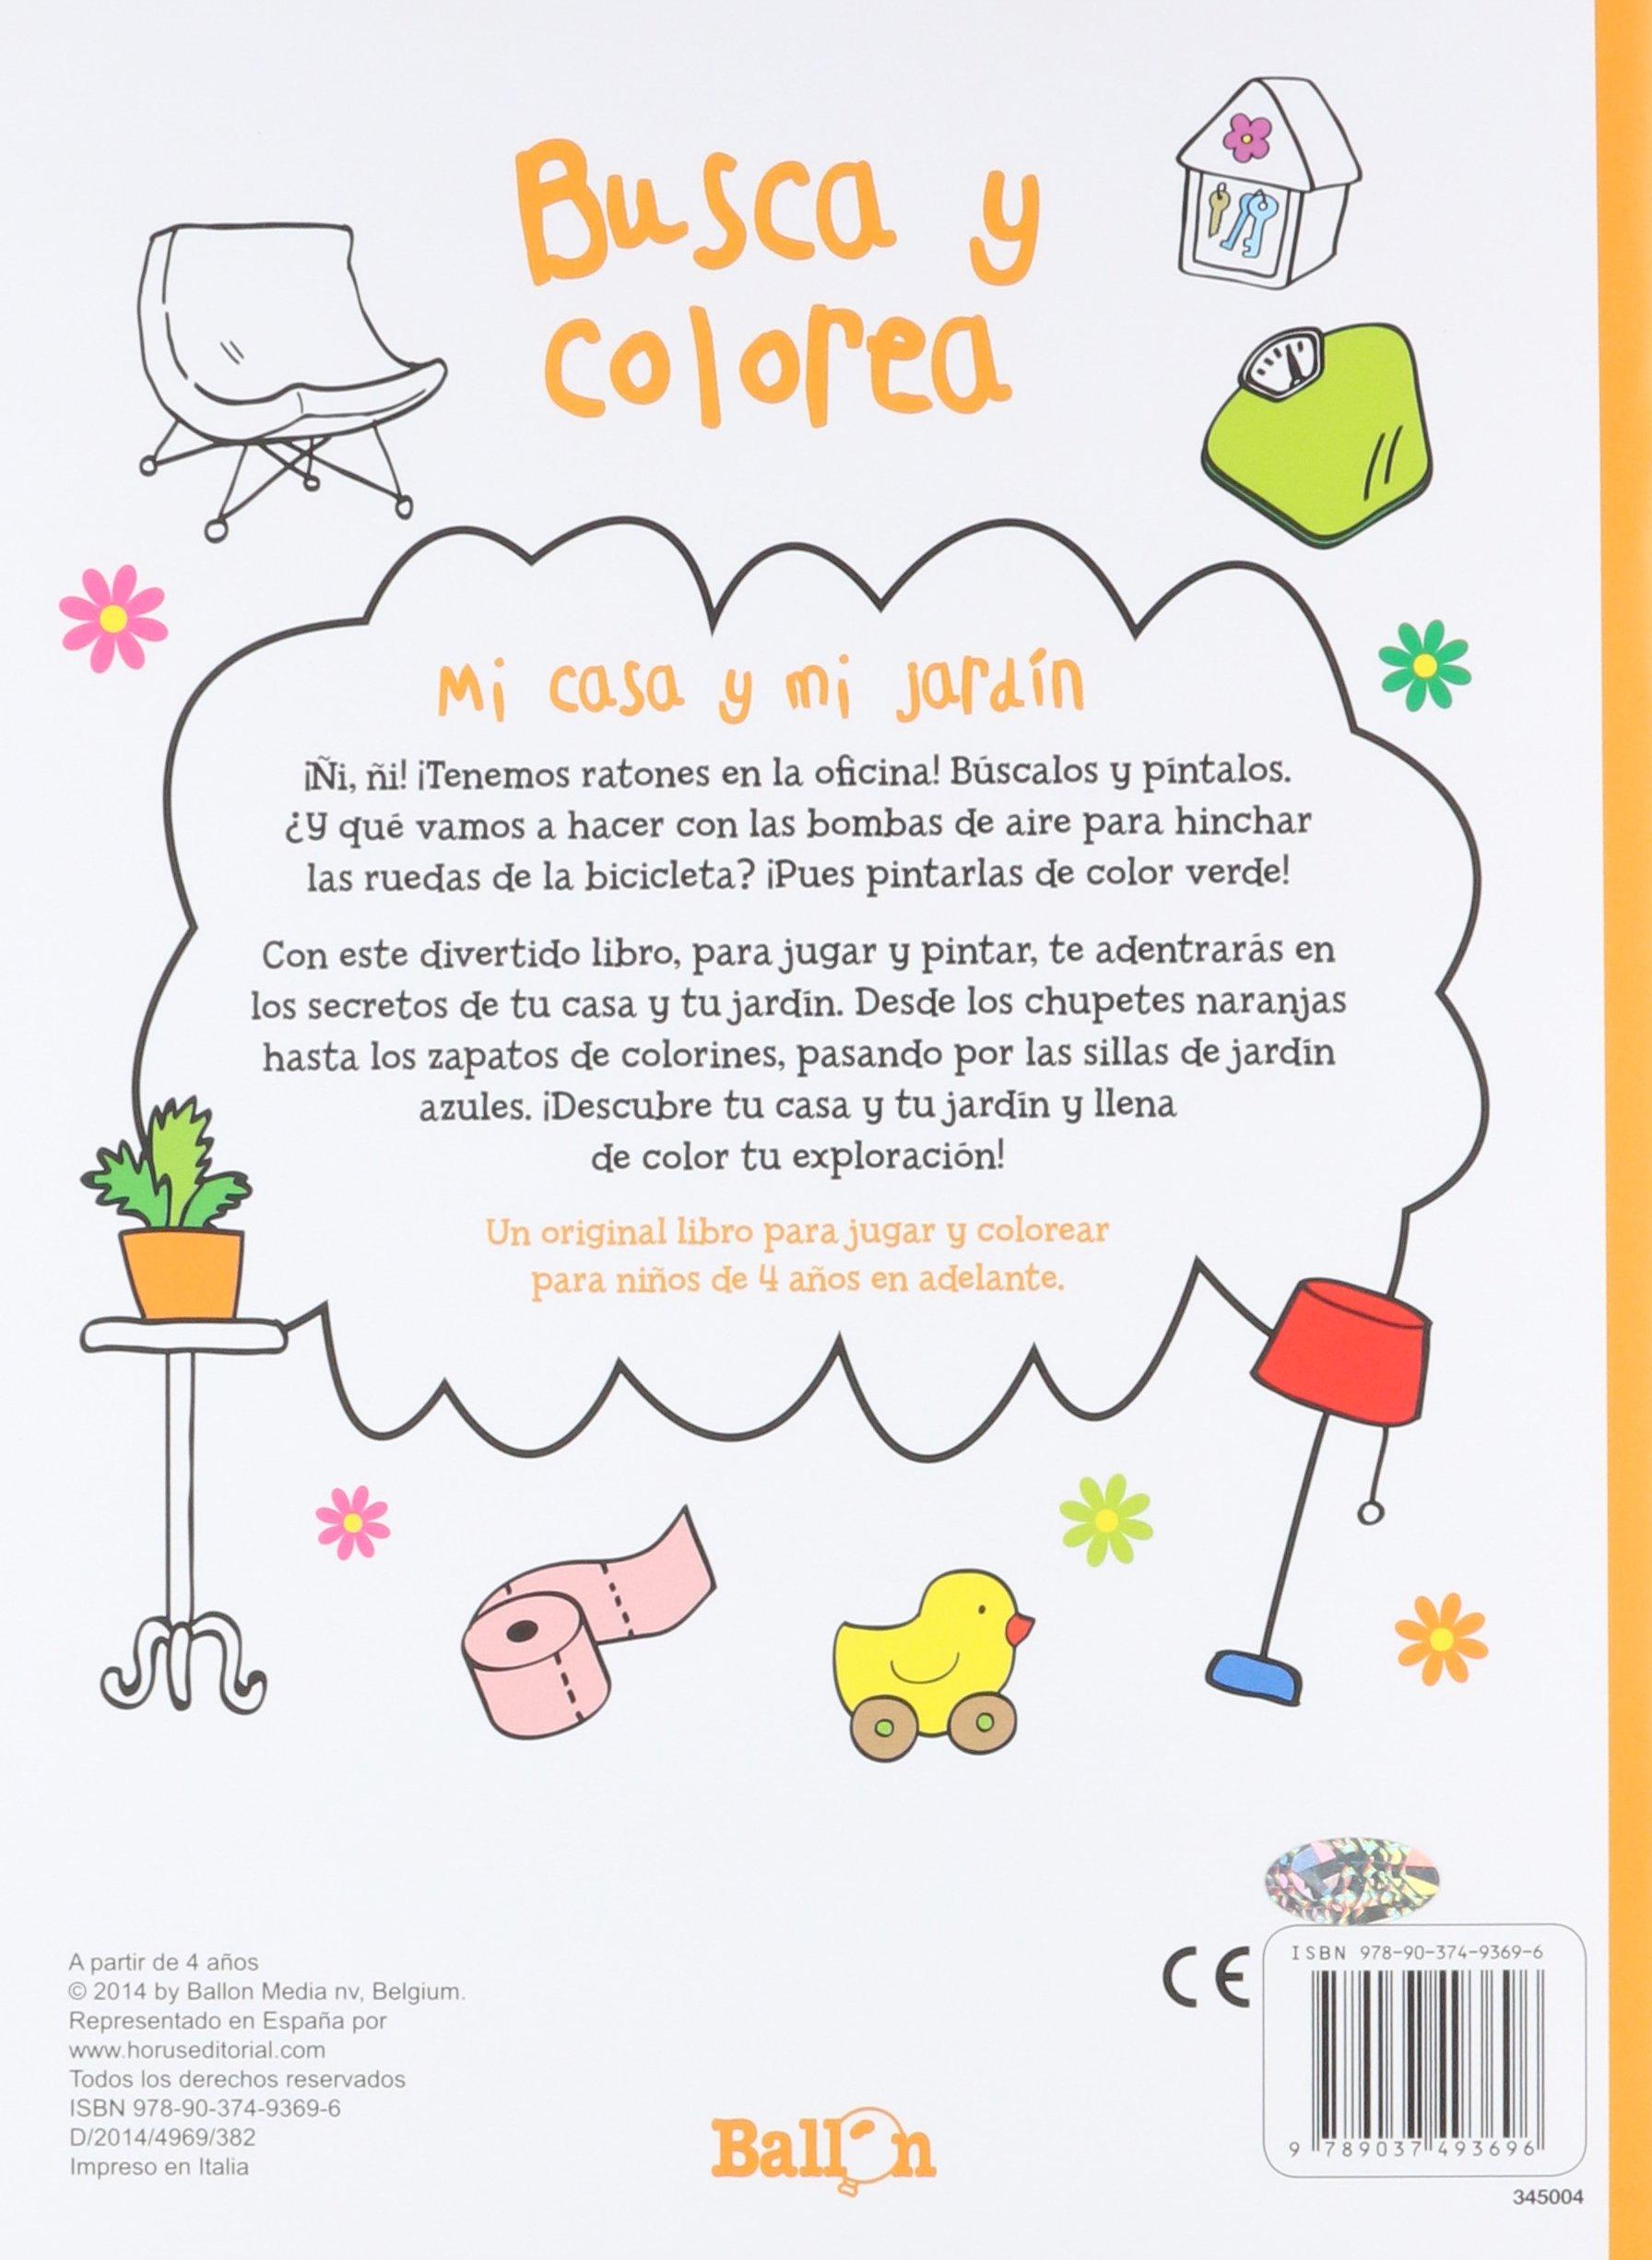 Mi Casa Y Mi Jardín (Busca y colorea): Amazon.es: Ballon, Codina Stein, Teresa: Libros